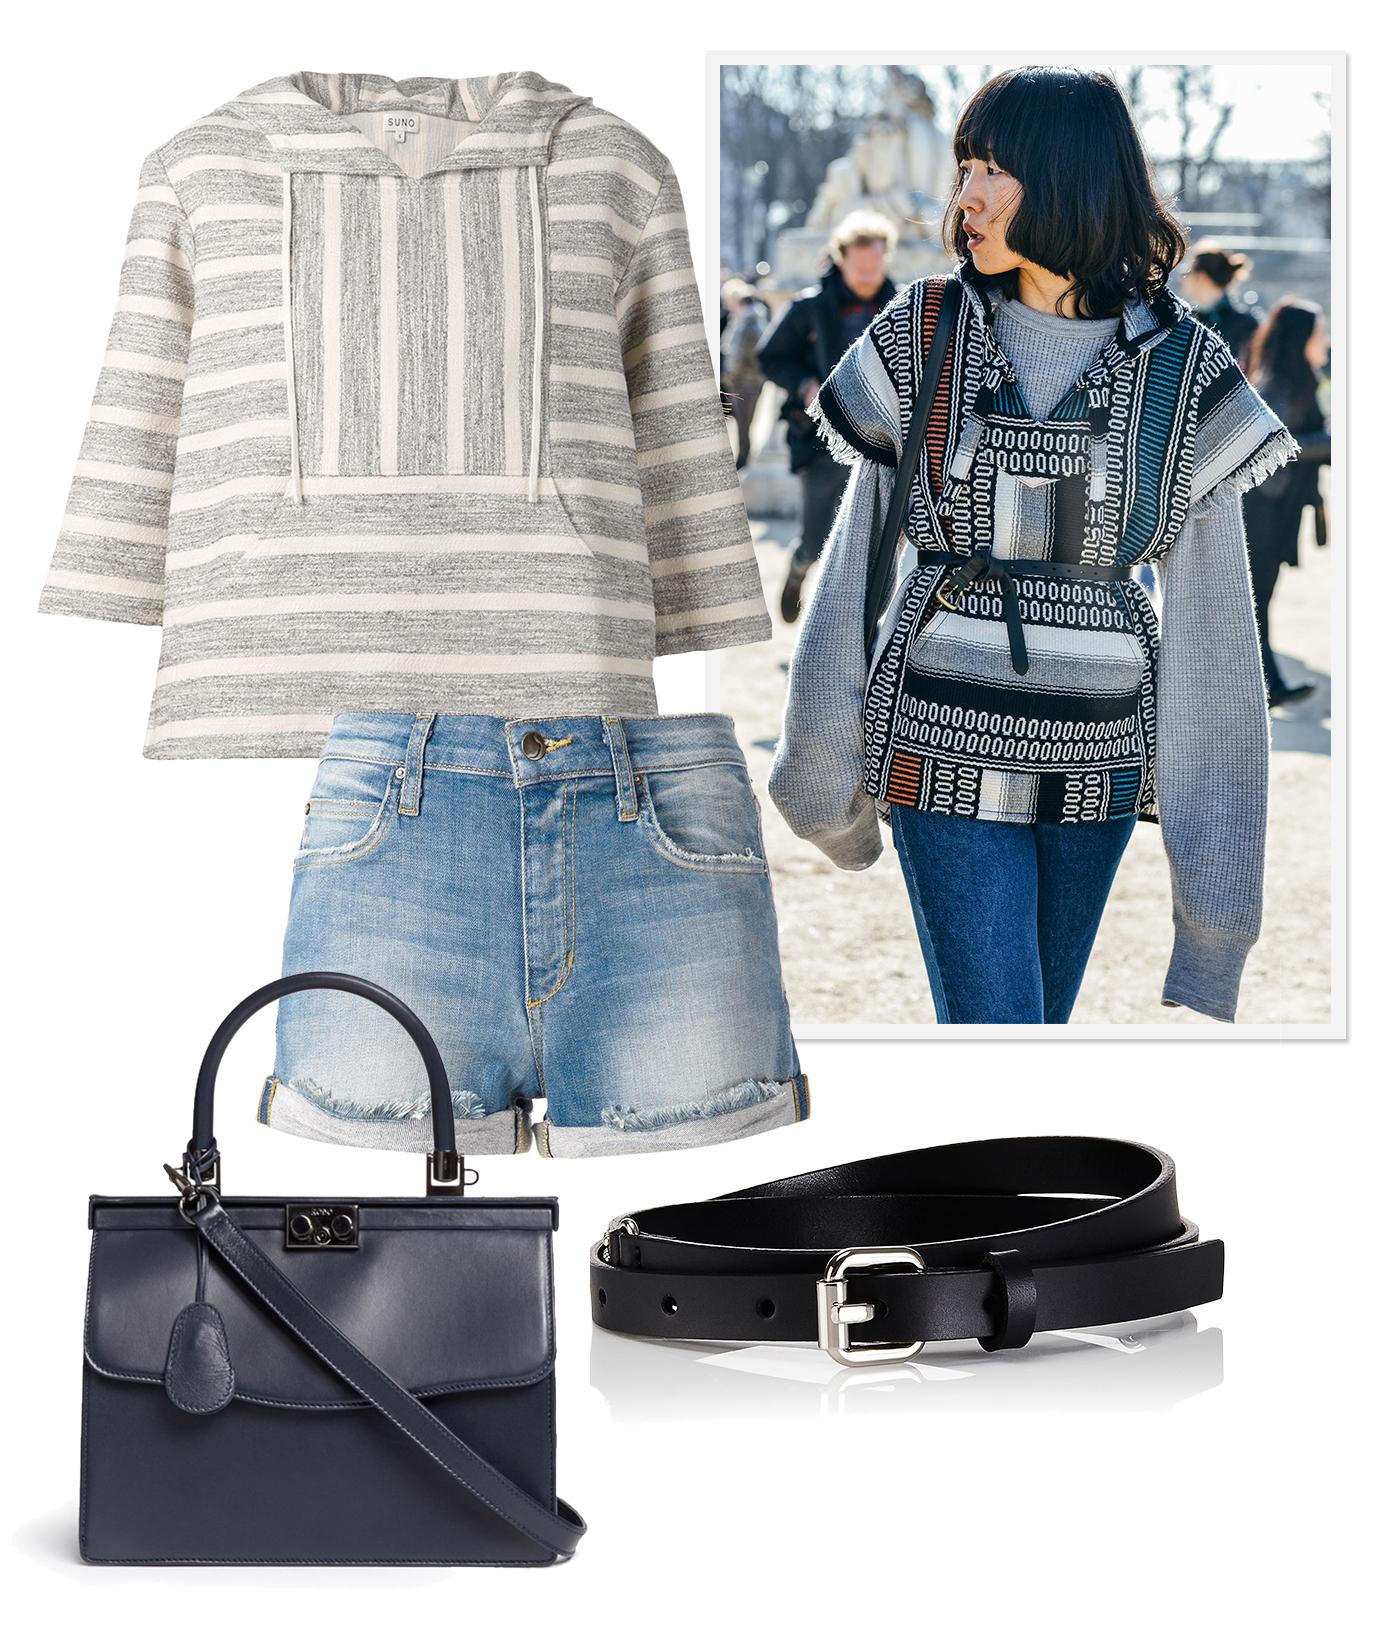 belt-styling-guide-09.jpg